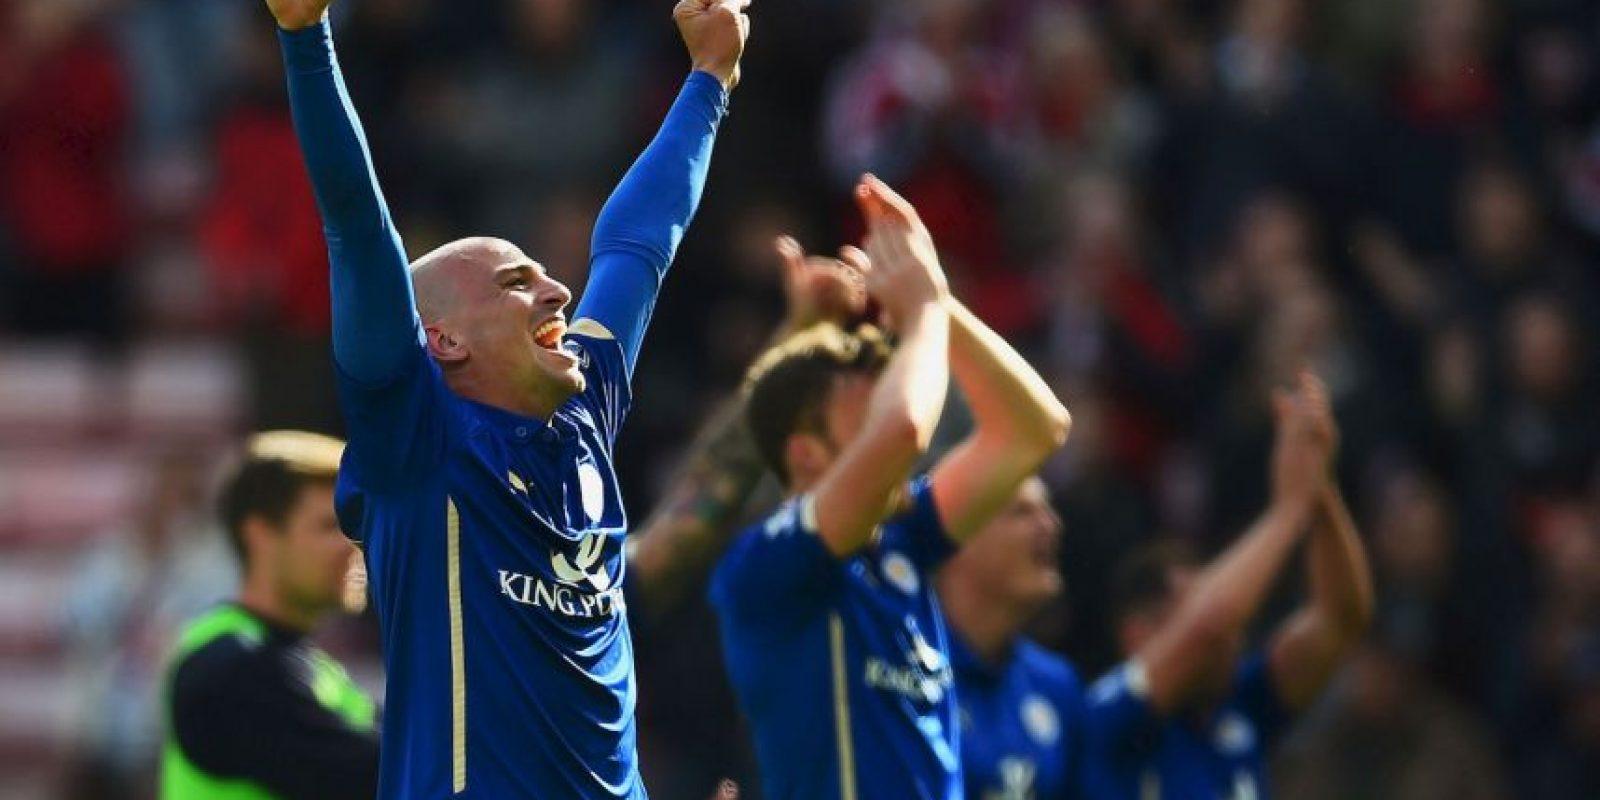 Sufrieron durante toda la temporada pero al final, lograron eludir el descenso y jugar así un año más en la Premier League. Foto:Getty Images